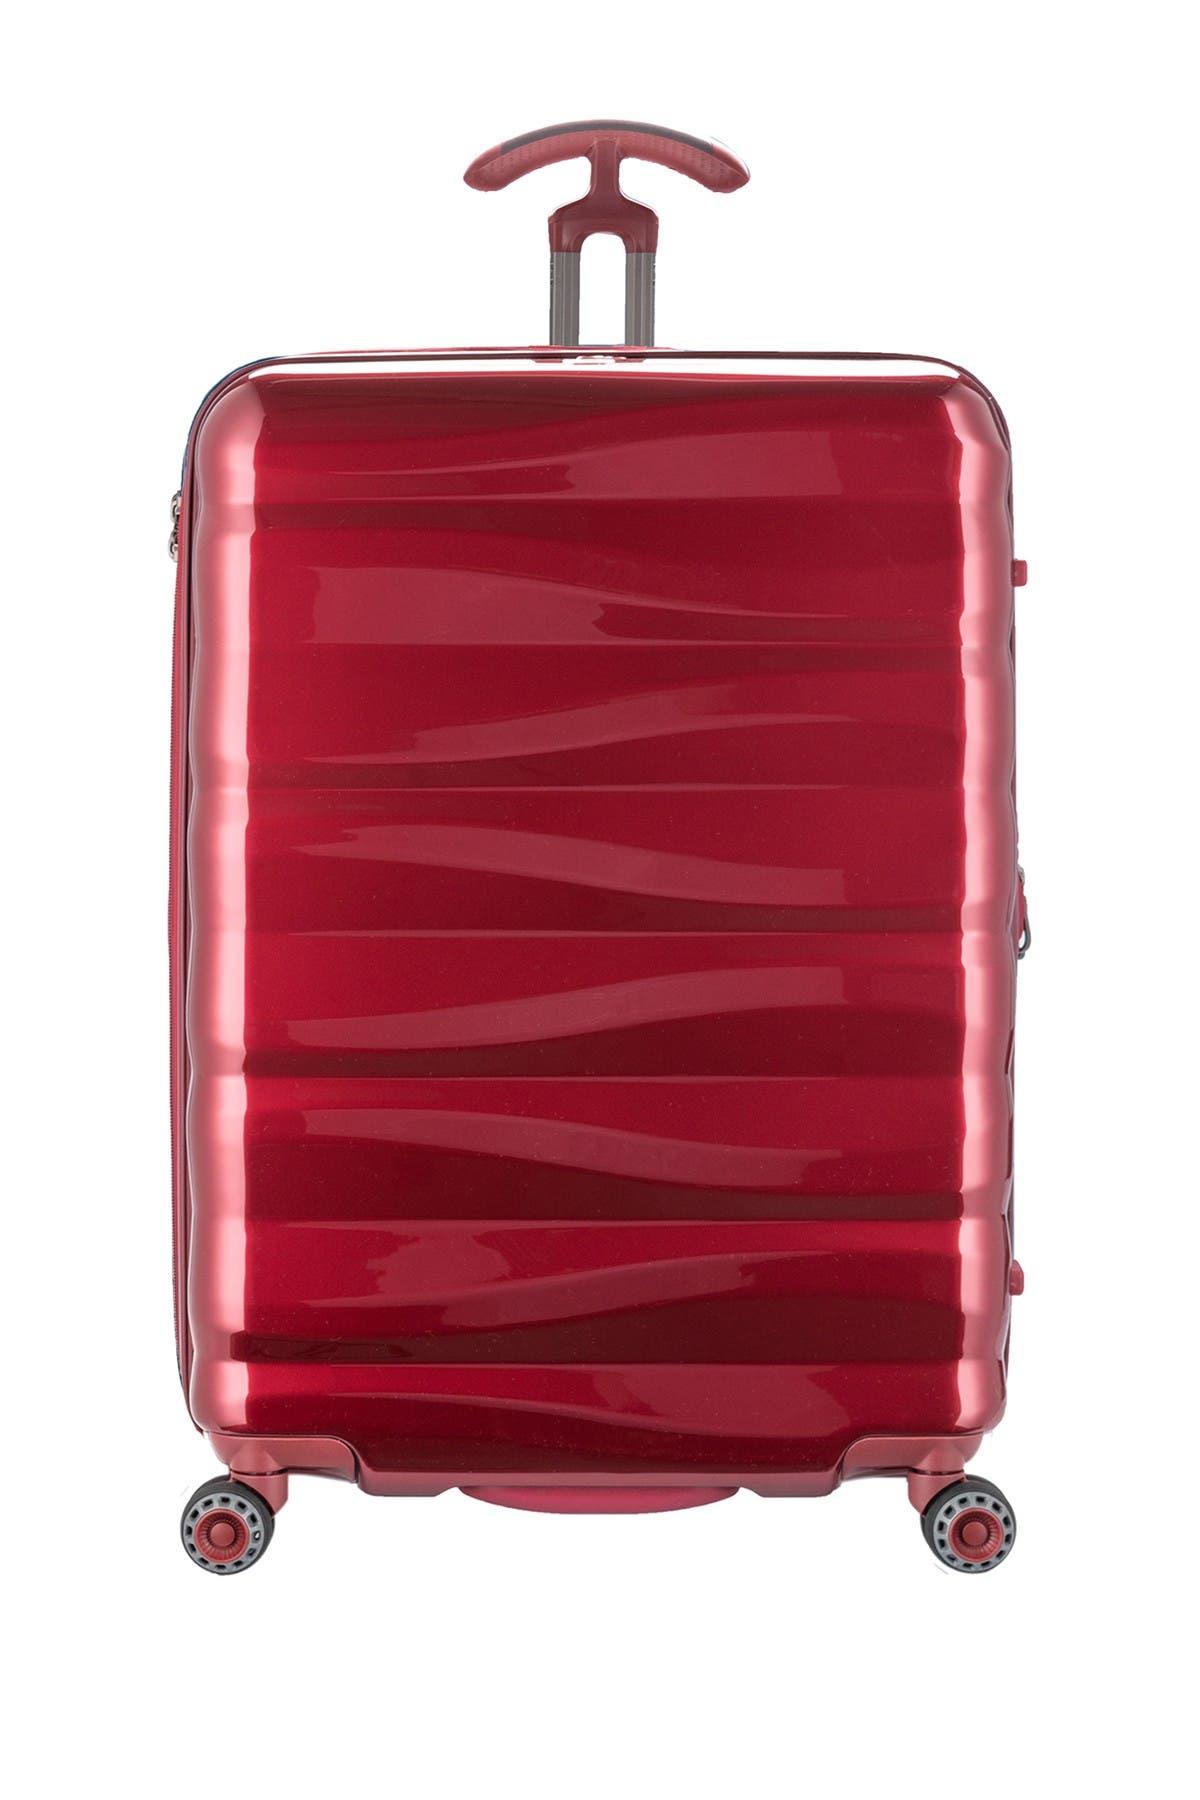 """Image of Traveler's Choice Luggage Edinburgh 29"""" Hardside Spinner Suitcase"""